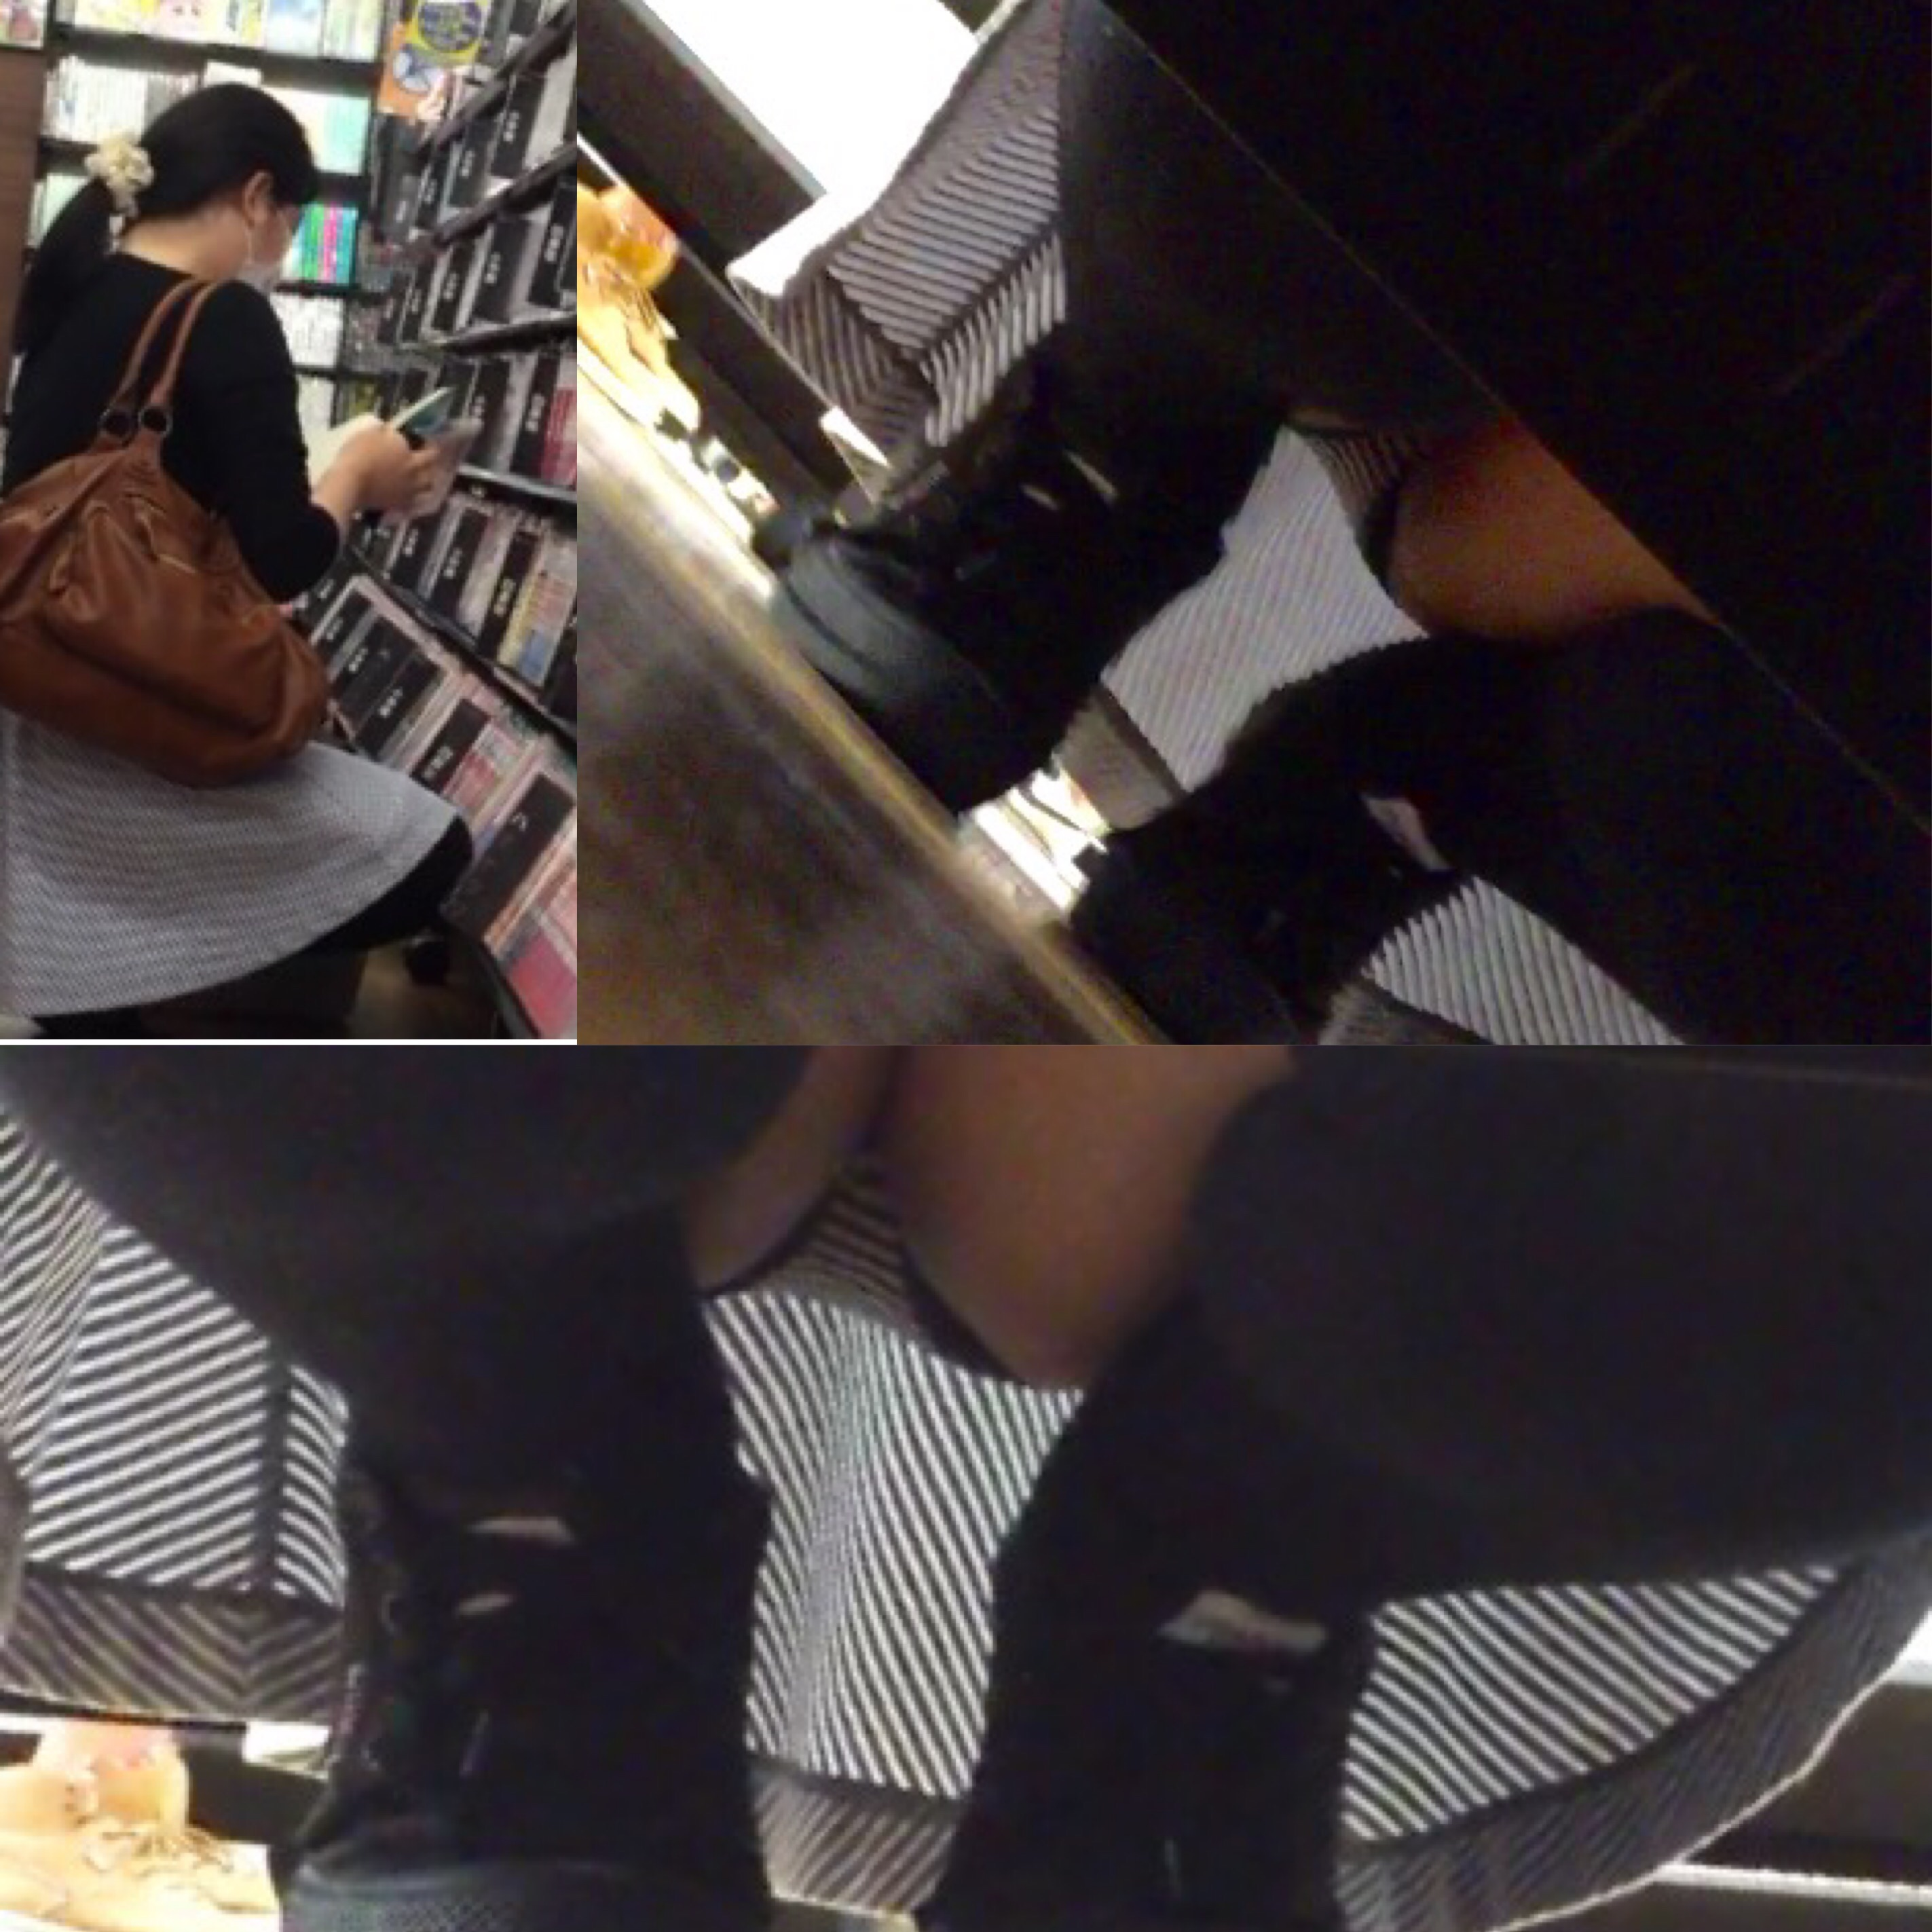 【パンチラエロ画像】棚の下から座るミニスカ女子のパンツを商品そっちのけでガン見www 20